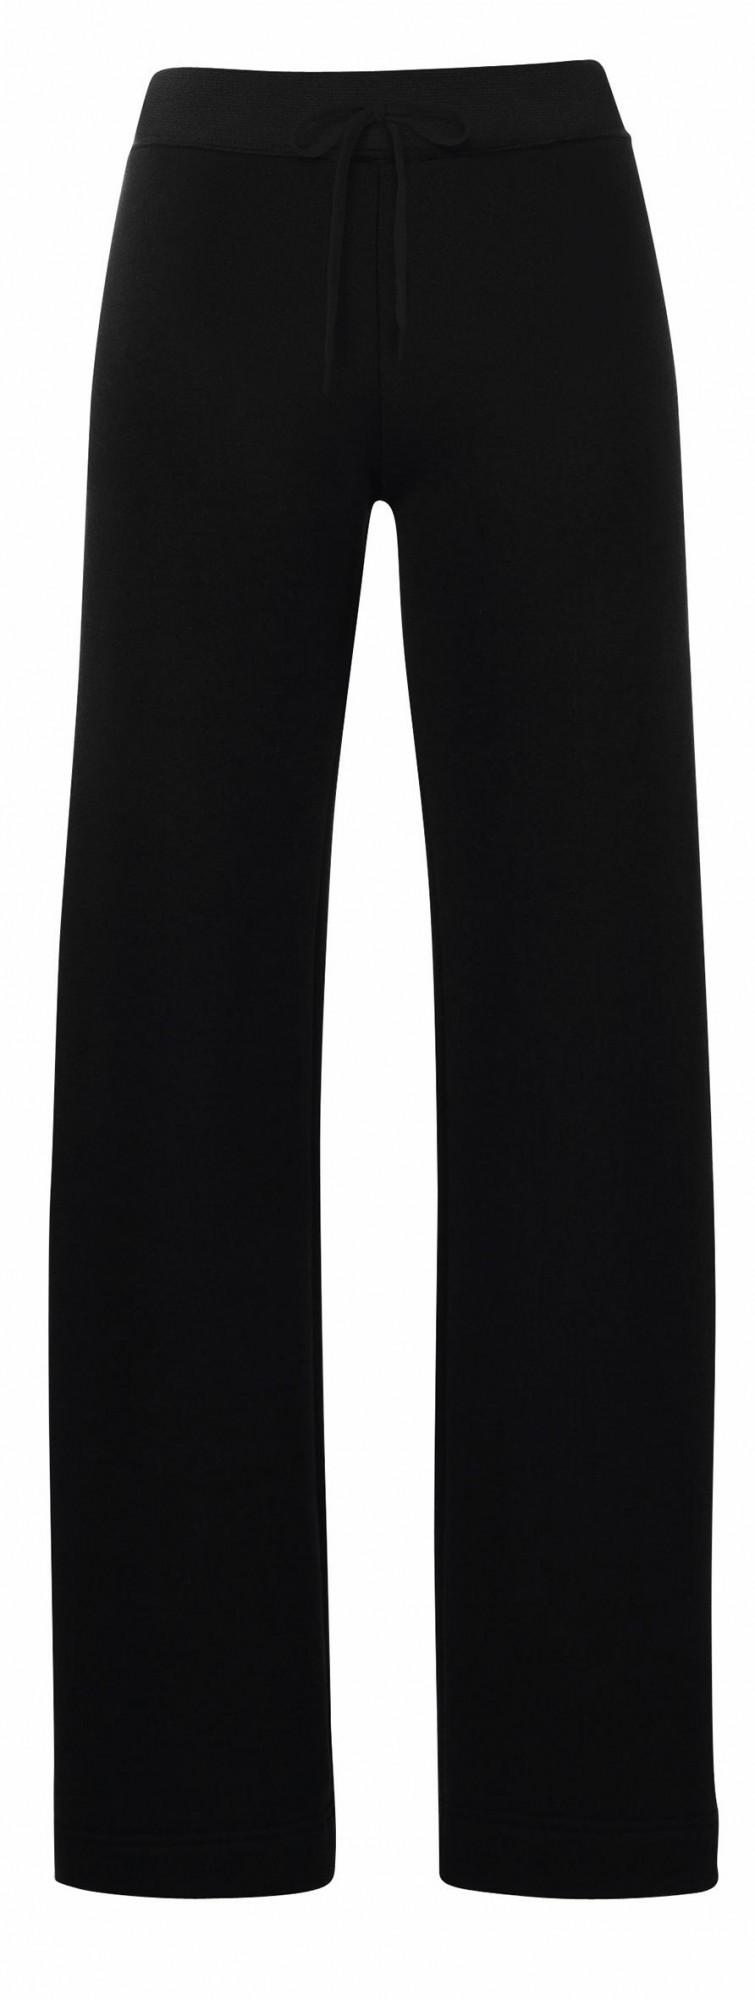 fruit of the loom damen jogginghose fitness lady fit jog pants 64 048 0 neu ebay. Black Bedroom Furniture Sets. Home Design Ideas